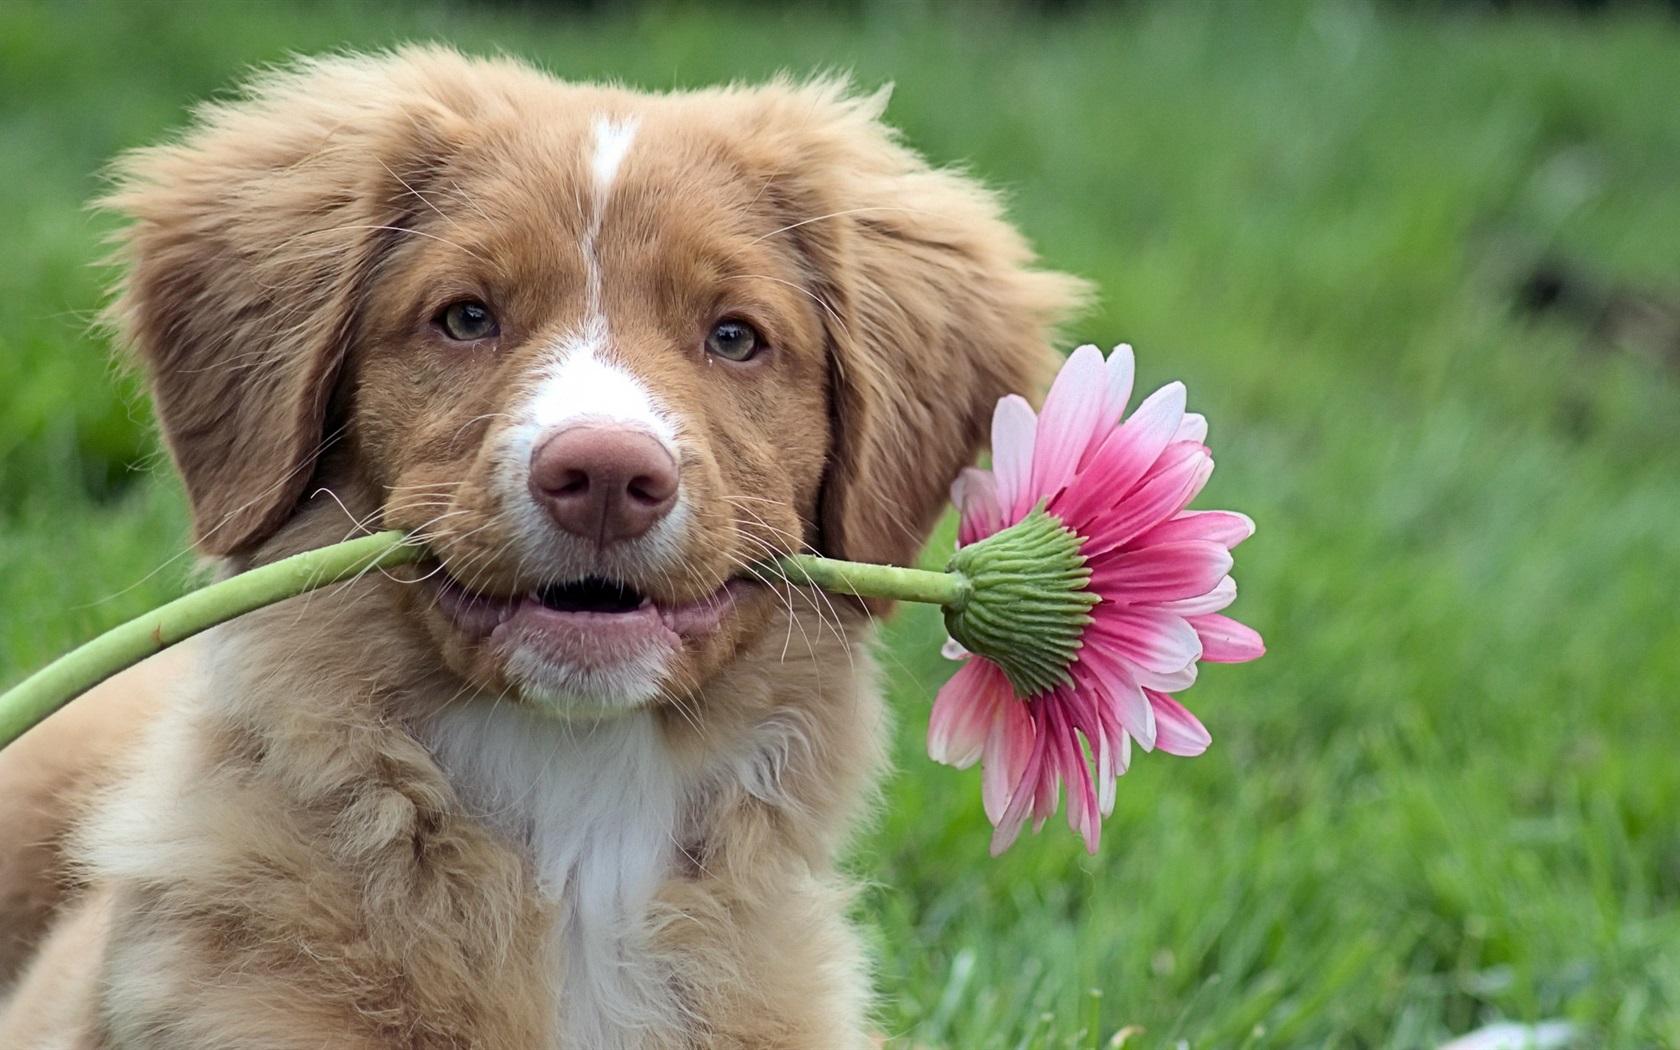 色女和公狗�9��yl#�+_狗抓著粉红色的花 壁纸